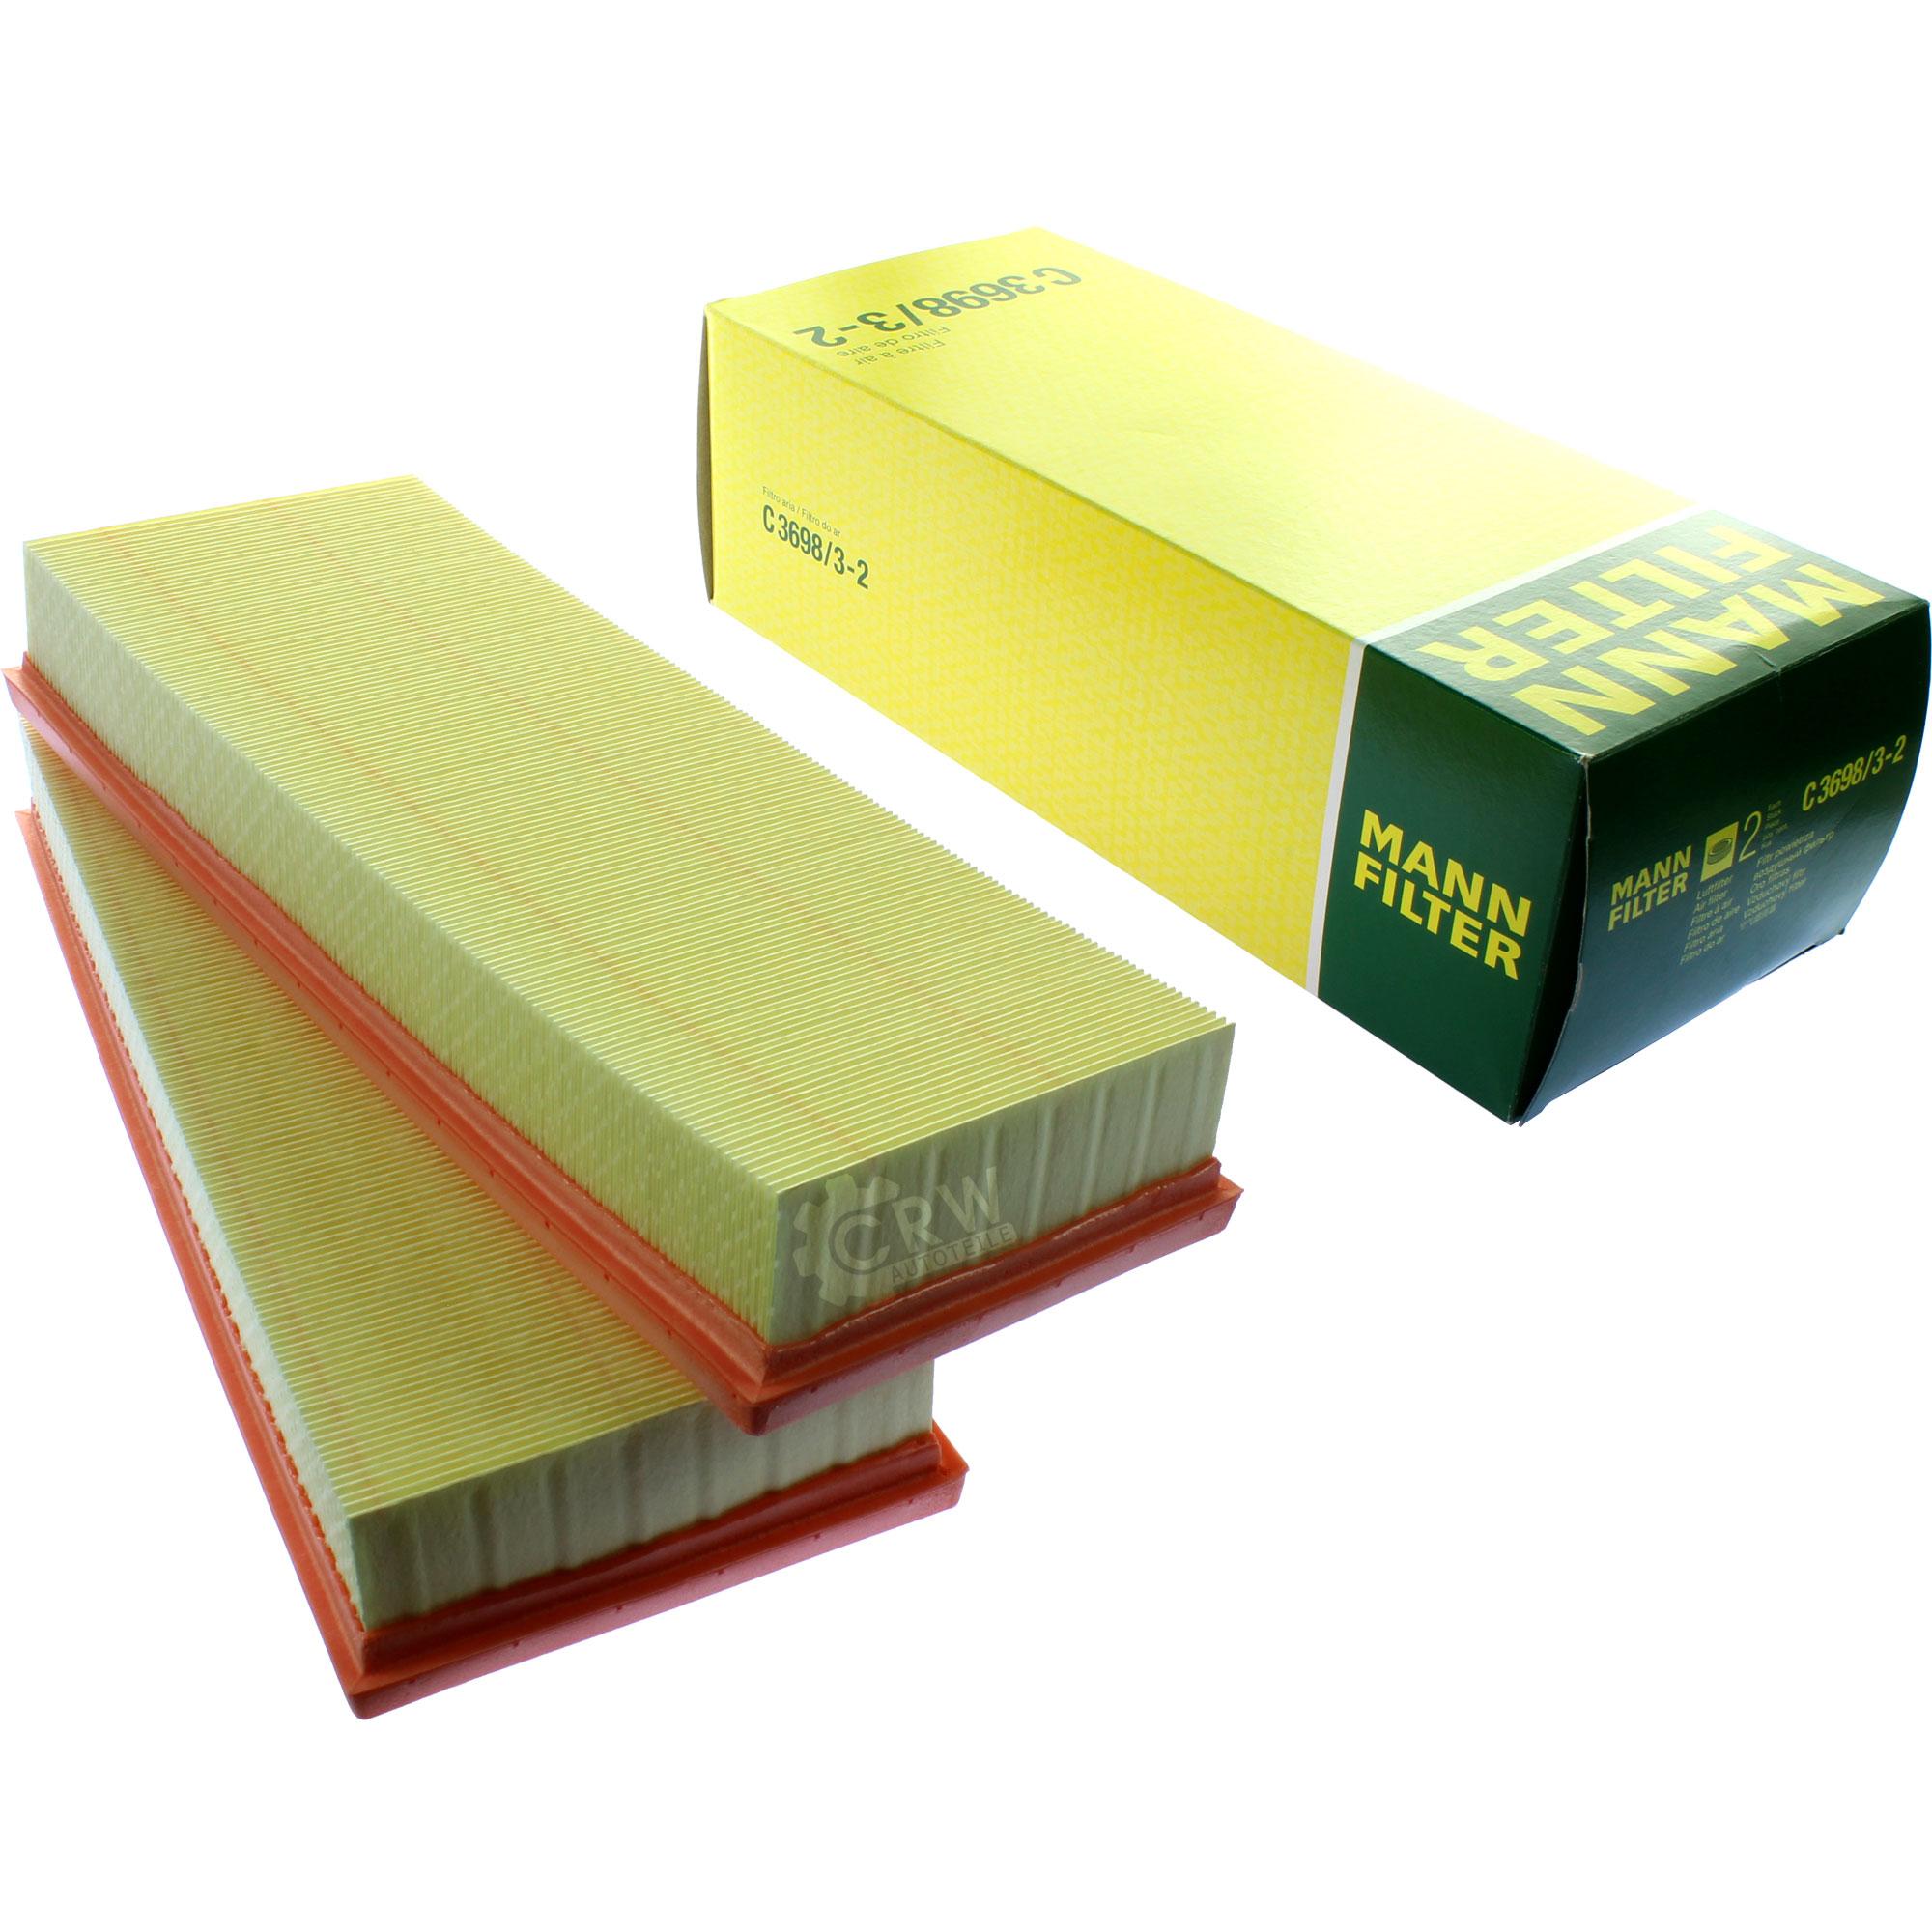 Inspektionspaket-10L-Mercedes-Ol-229-51-5W30-MANN-Luftfilter-Olfilter-11134262 Indexbild 3